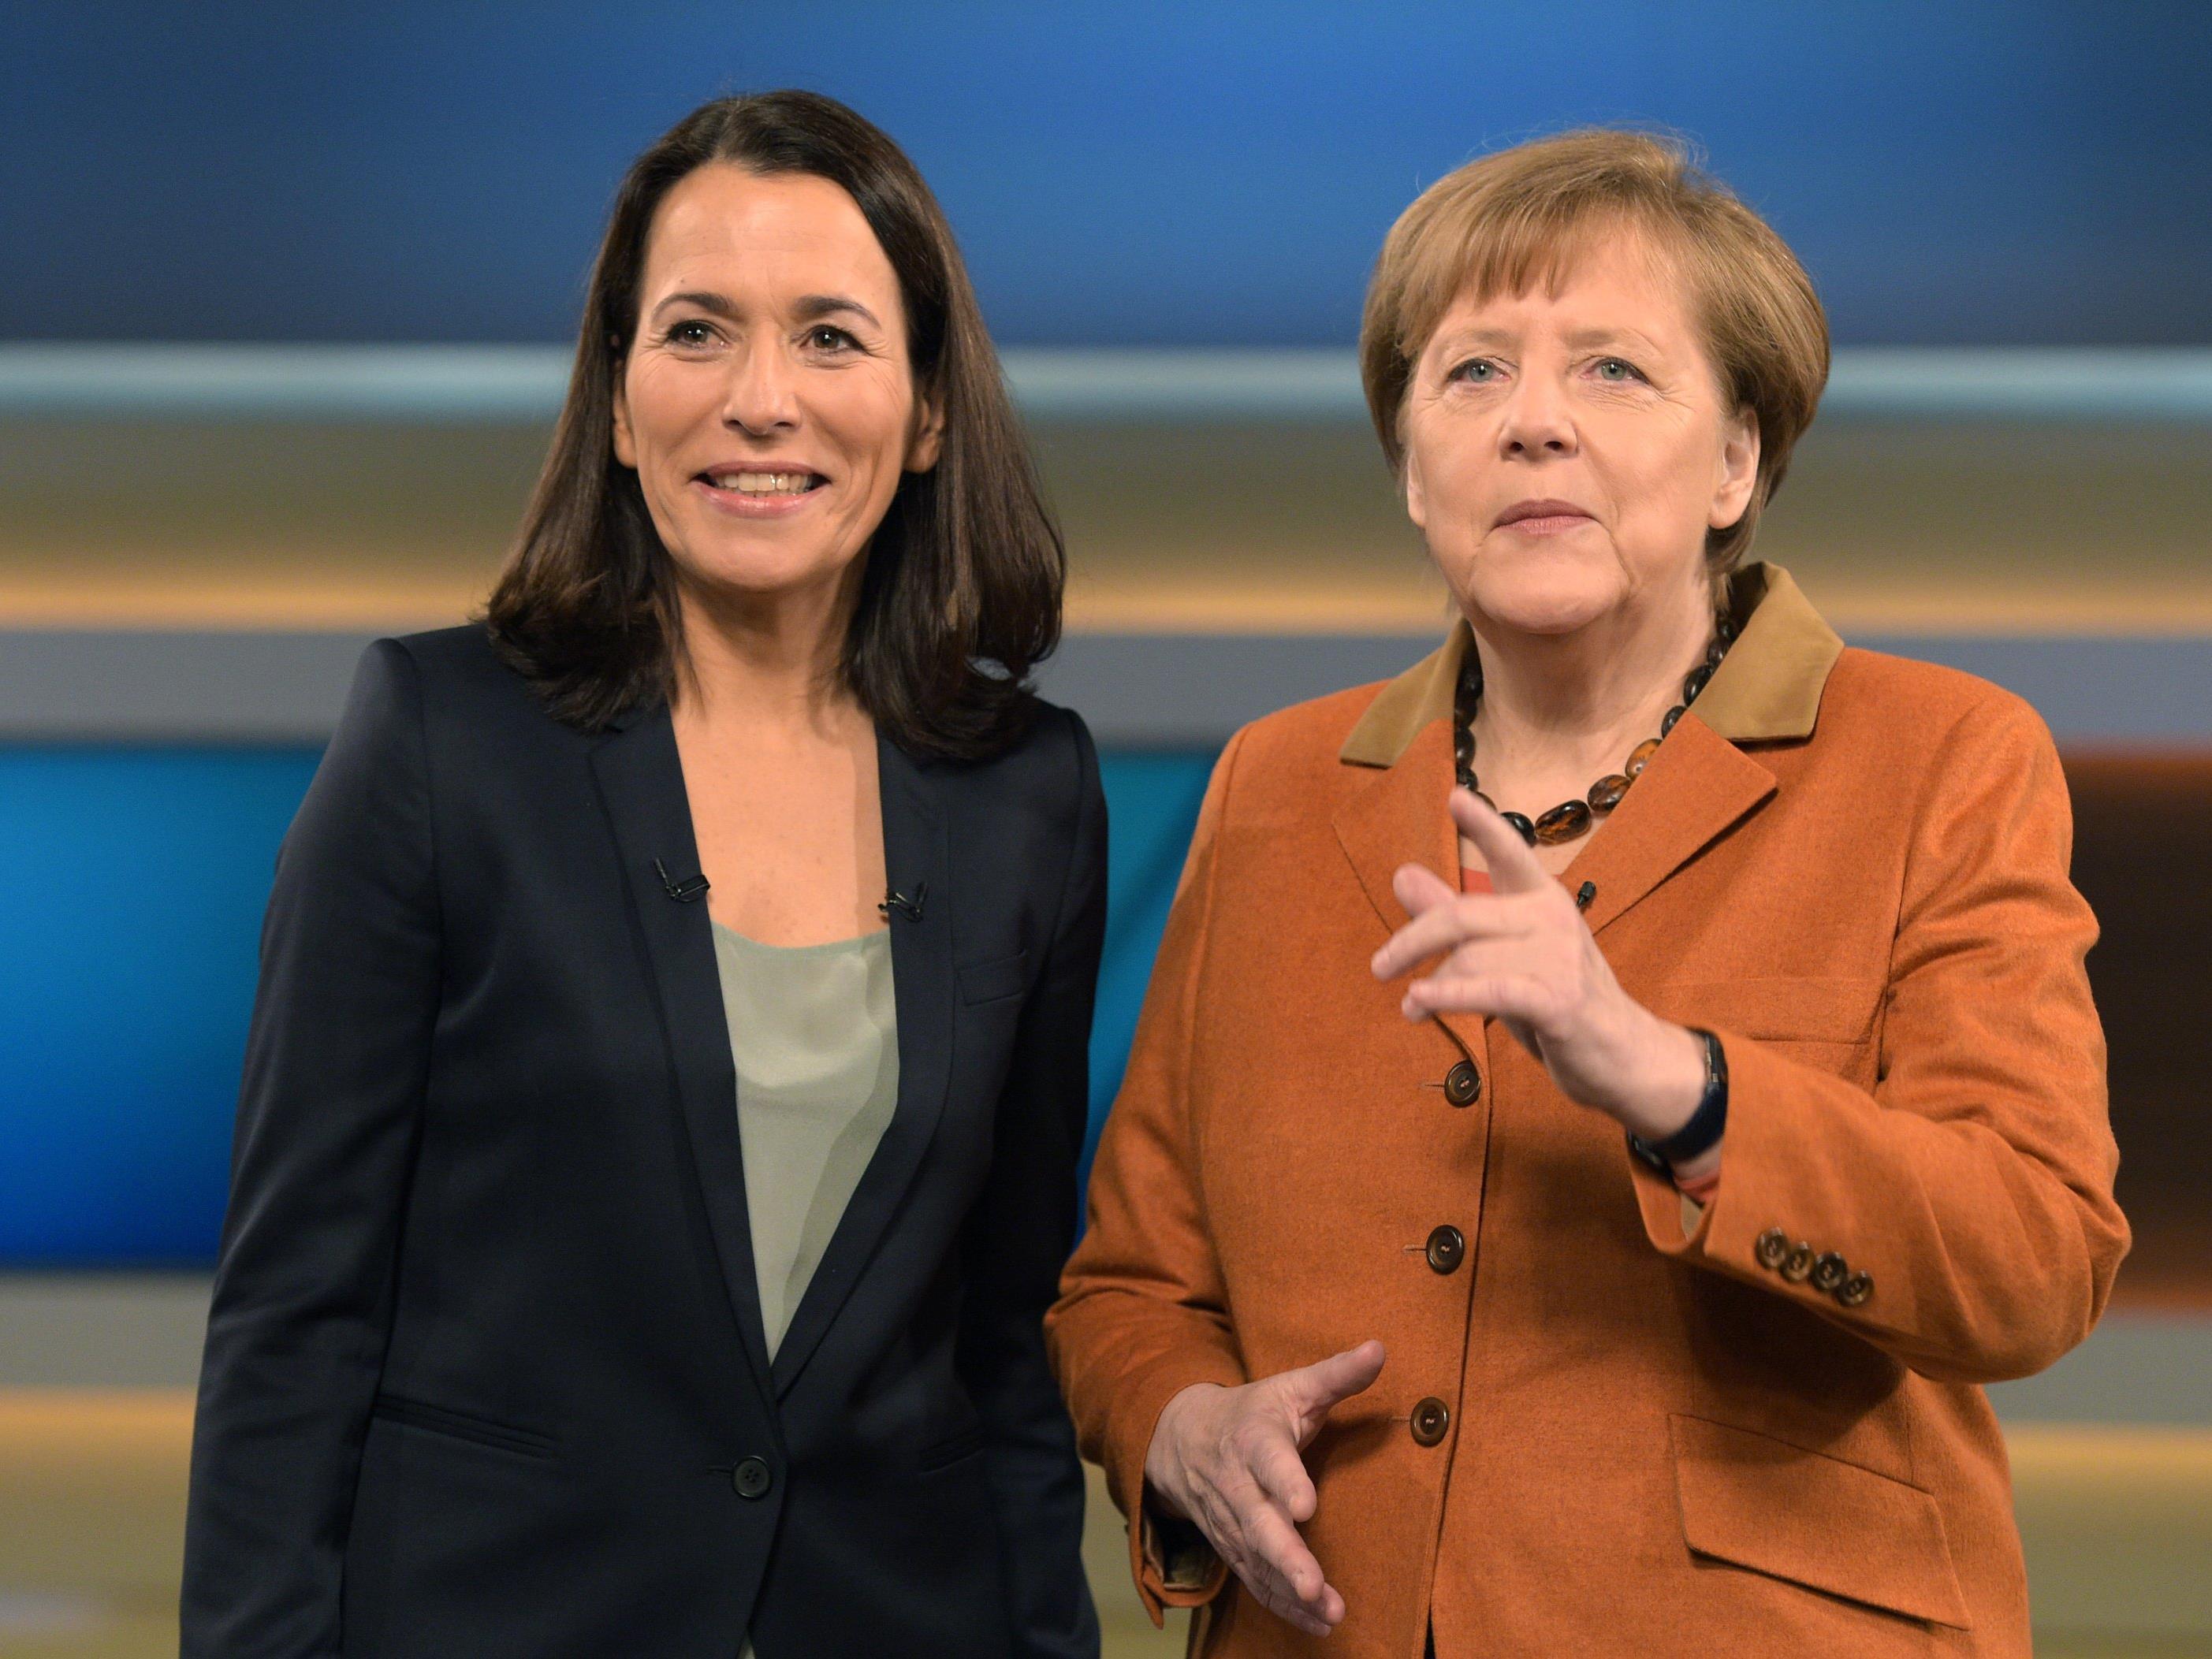 Anne Will (li.) zählt zu den bekanntesten Moderatorinnen Deutschlands. Hier im Bild mit der deutschen Kanzlerin Angela Merkel.